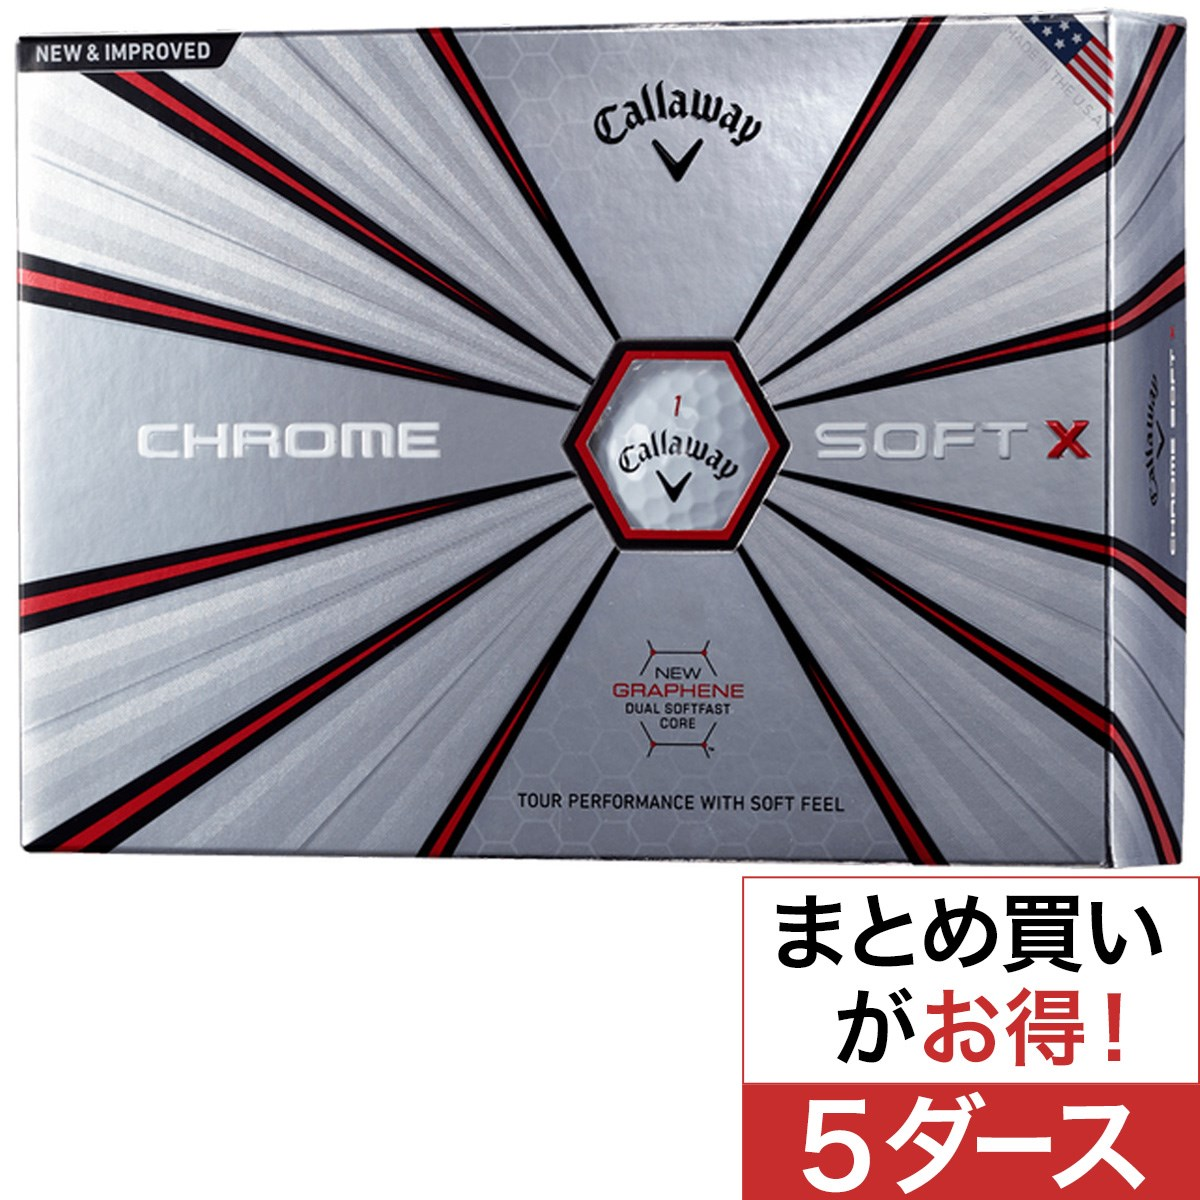 キャロウェイゴルフ(Callaway Golf) CHROME SOFT X ボール 5ダースセット